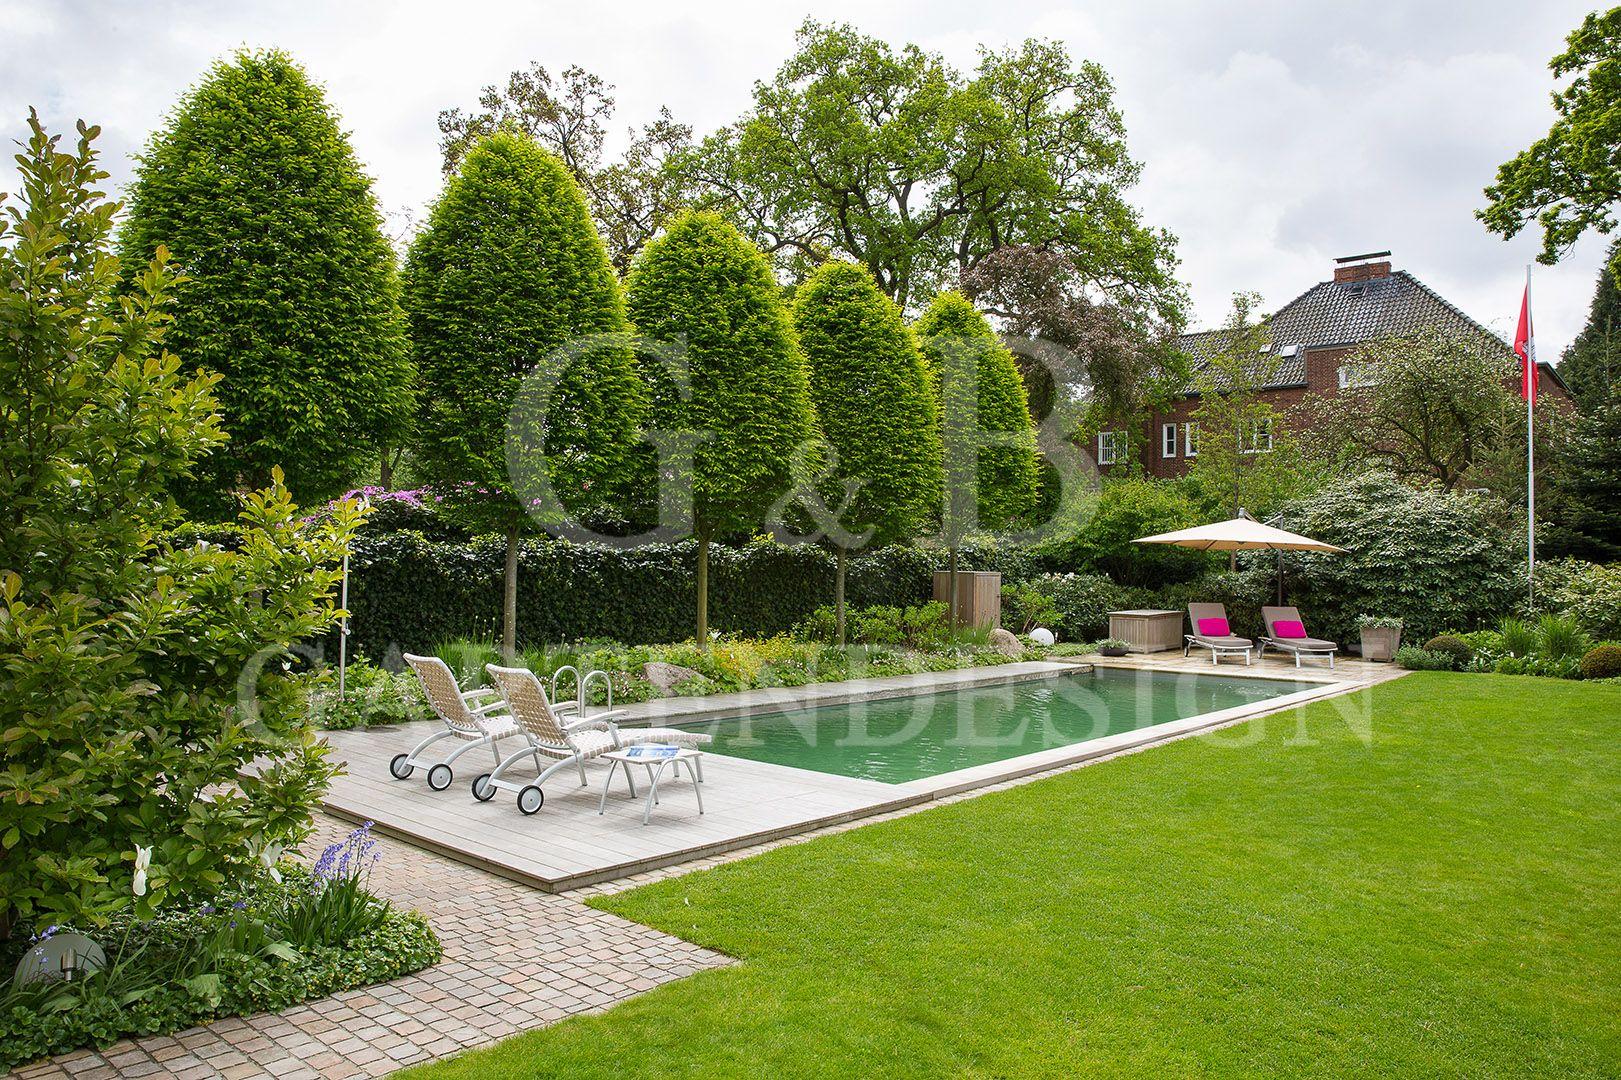 gartengestaltung mit kleinem pool – airfax, Garten und erstellen